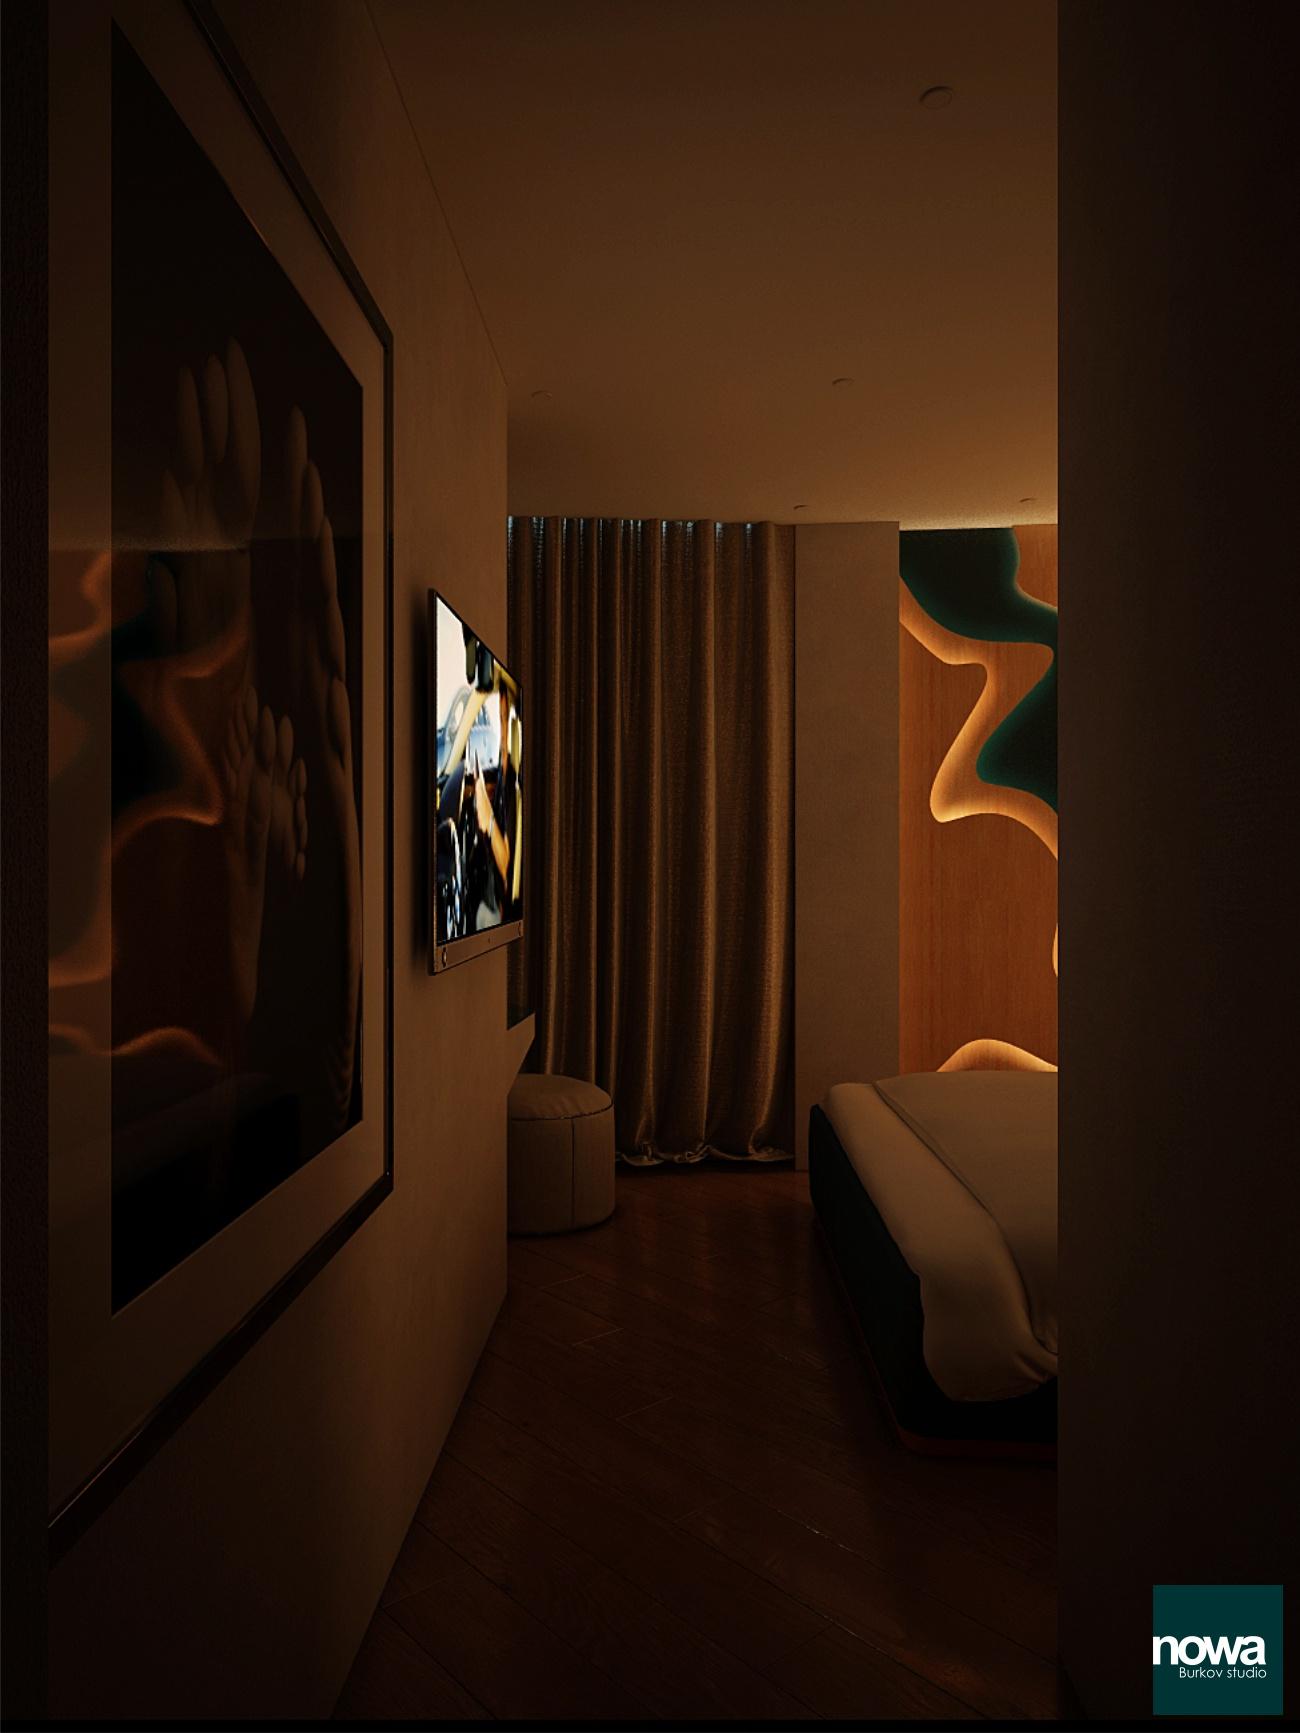 дизайн спальни. подсветка интерьера